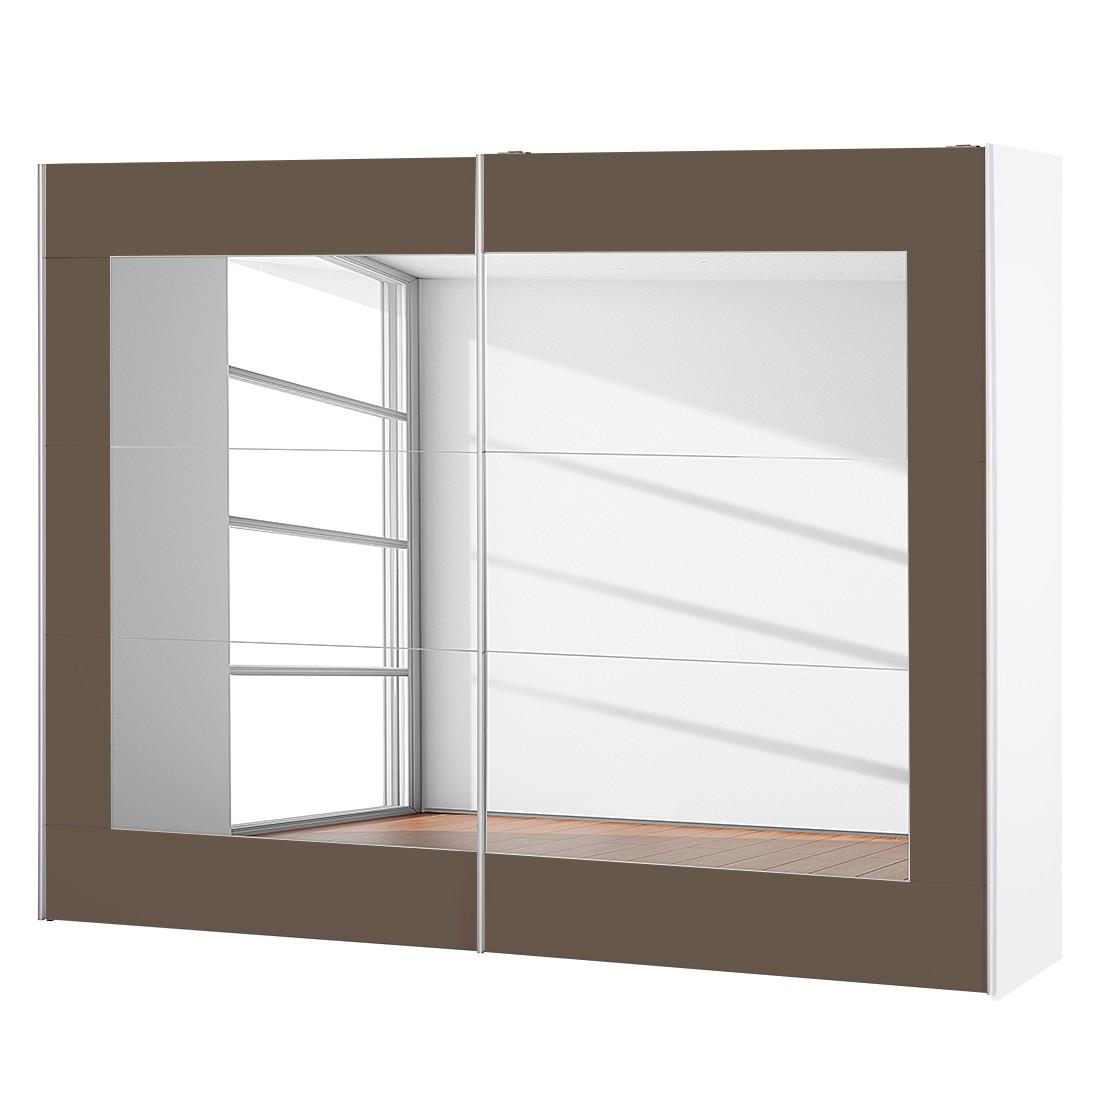 goedkoop Schuifdeurkast Alegro Alpinewit lavakleurig glas 271cm 2 deurs Rauch